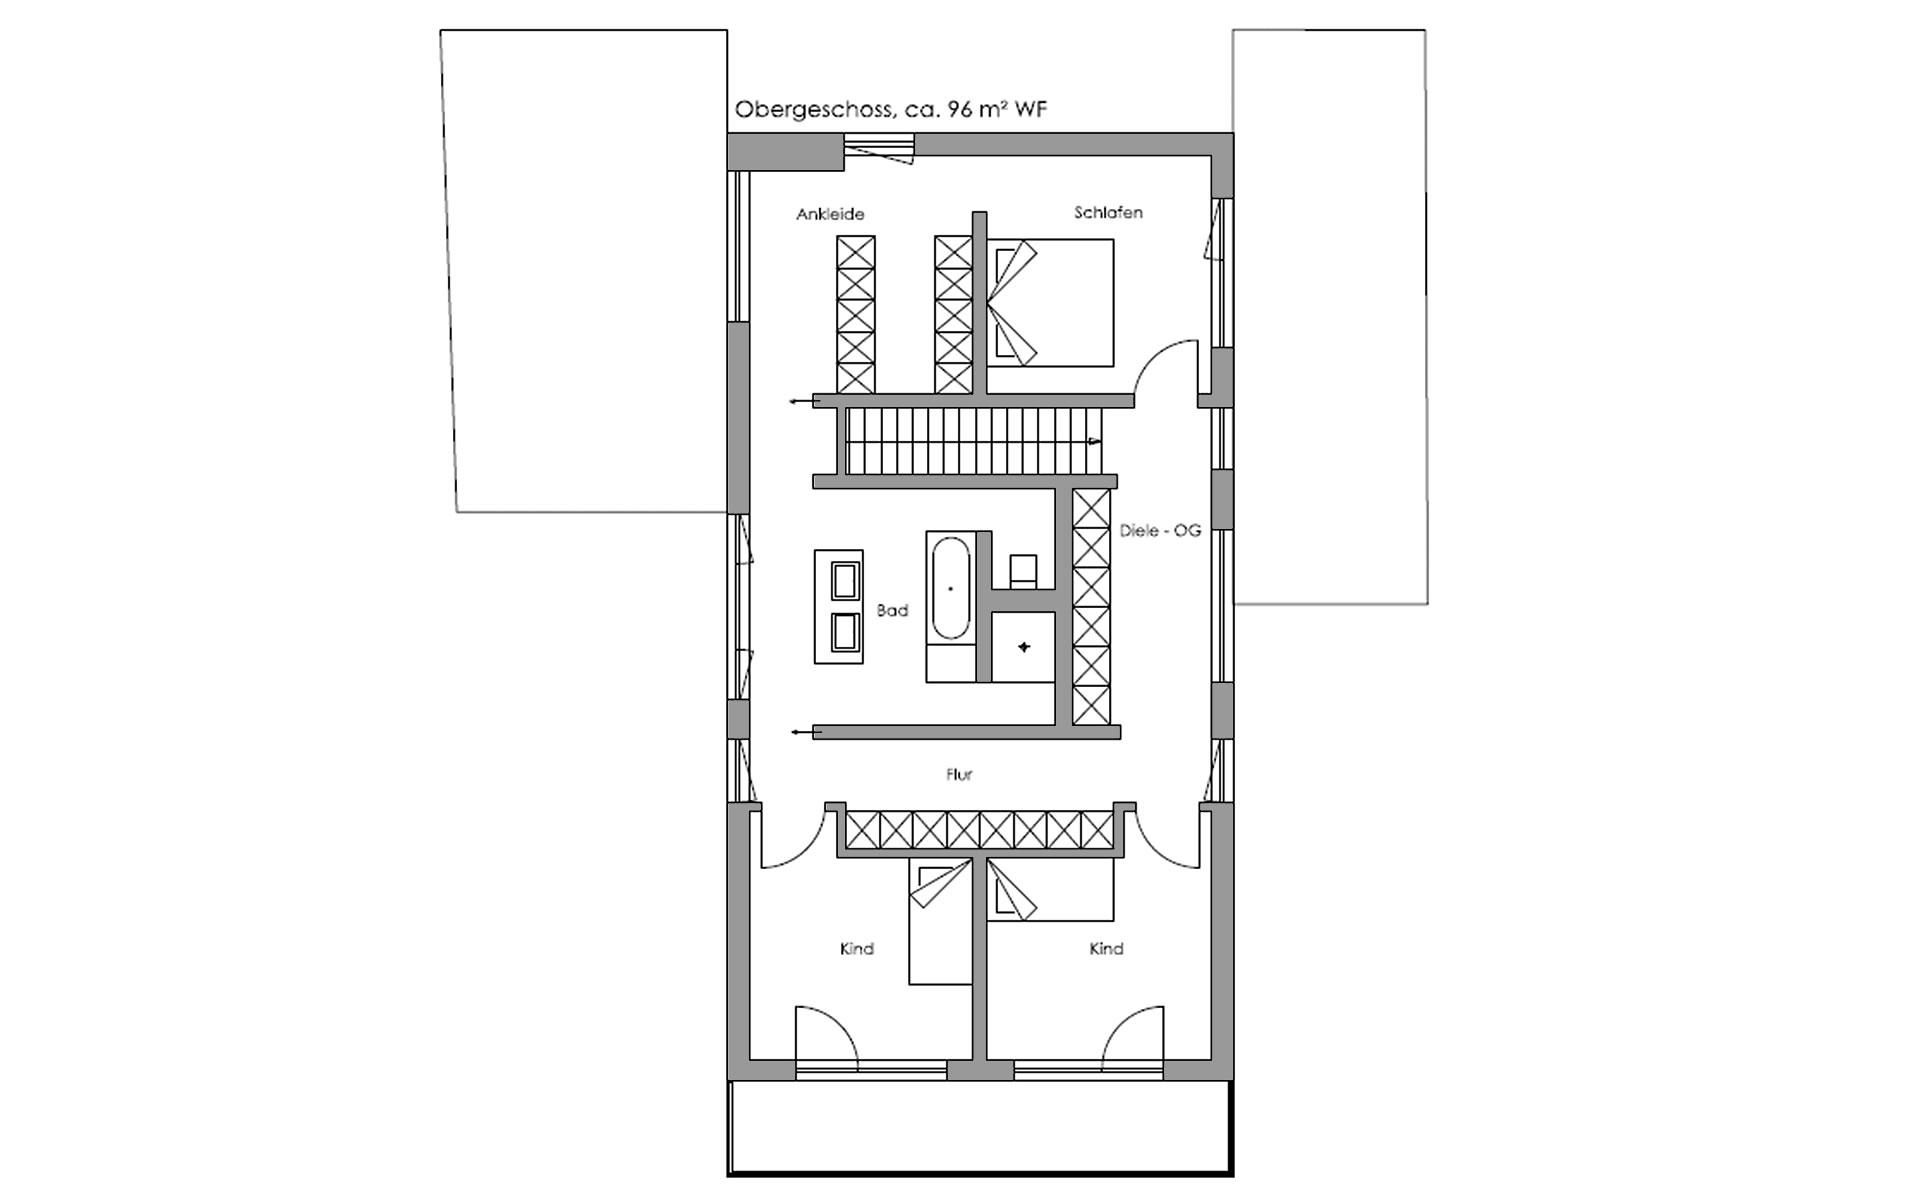 Obergeschoss Oberaudorf von Regnauer Hausbau GmbH & Co. KG